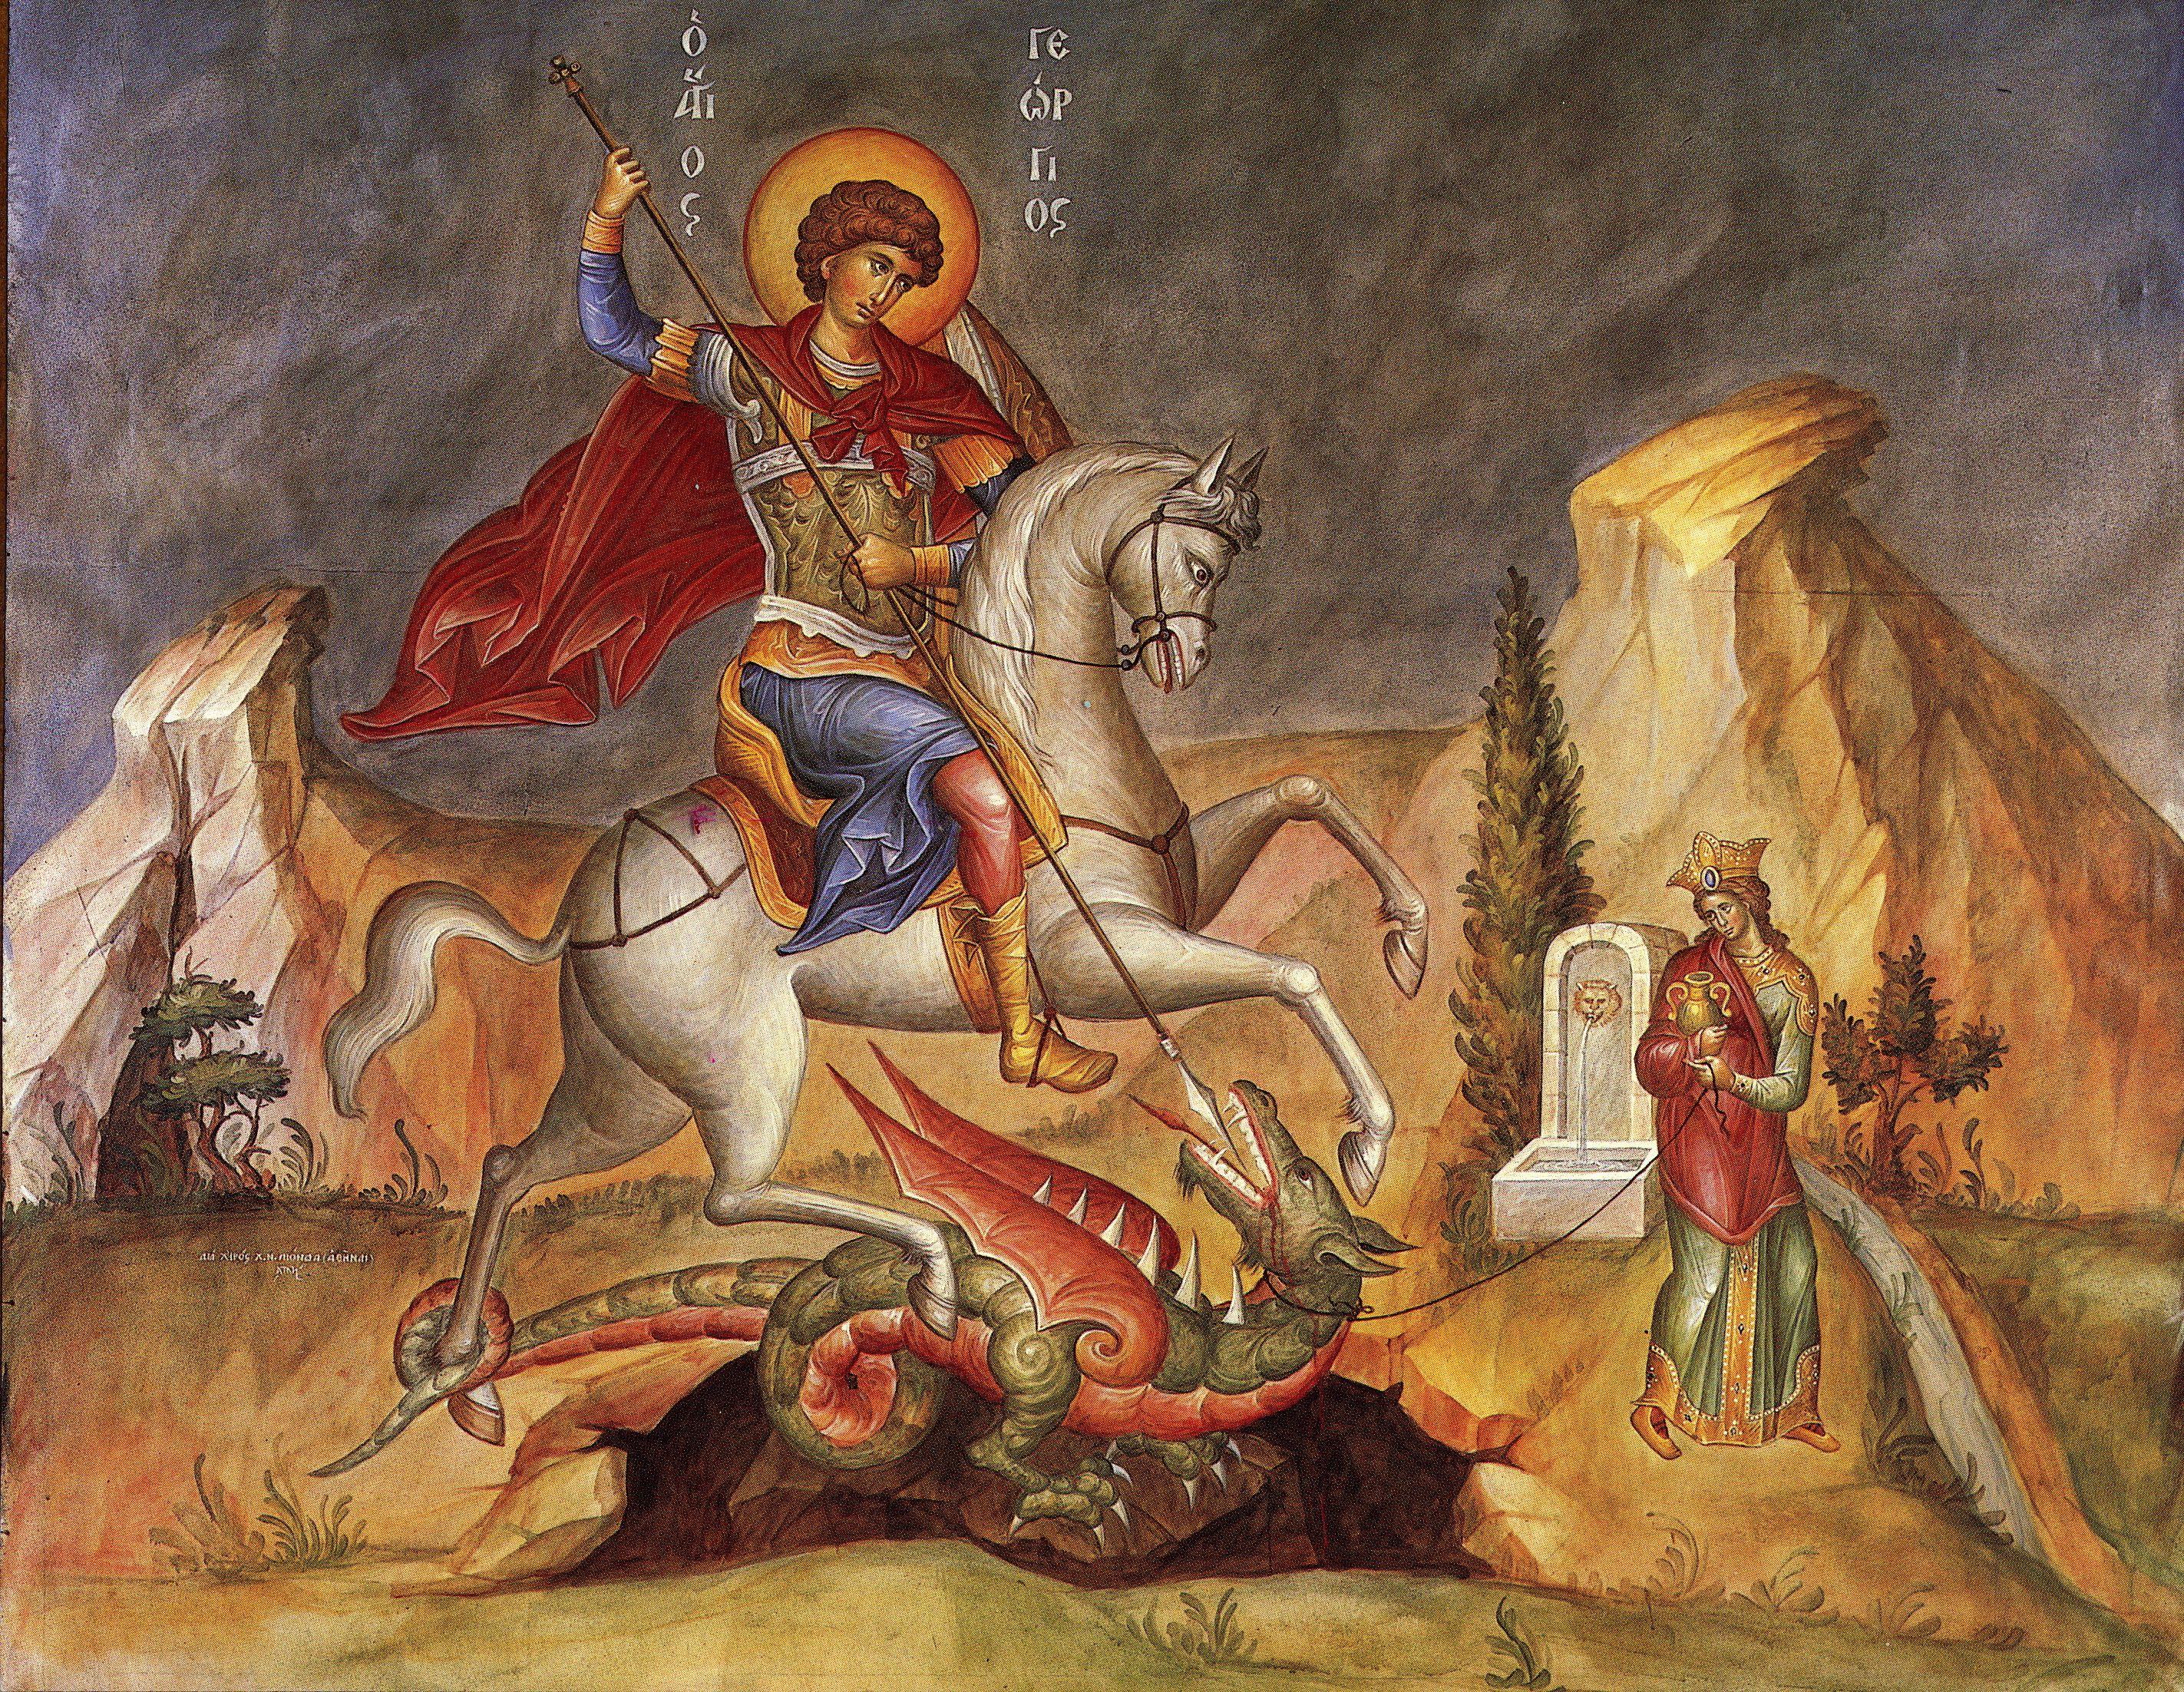 Открытки с днем святого георгия на грузинском языке, открытка днем